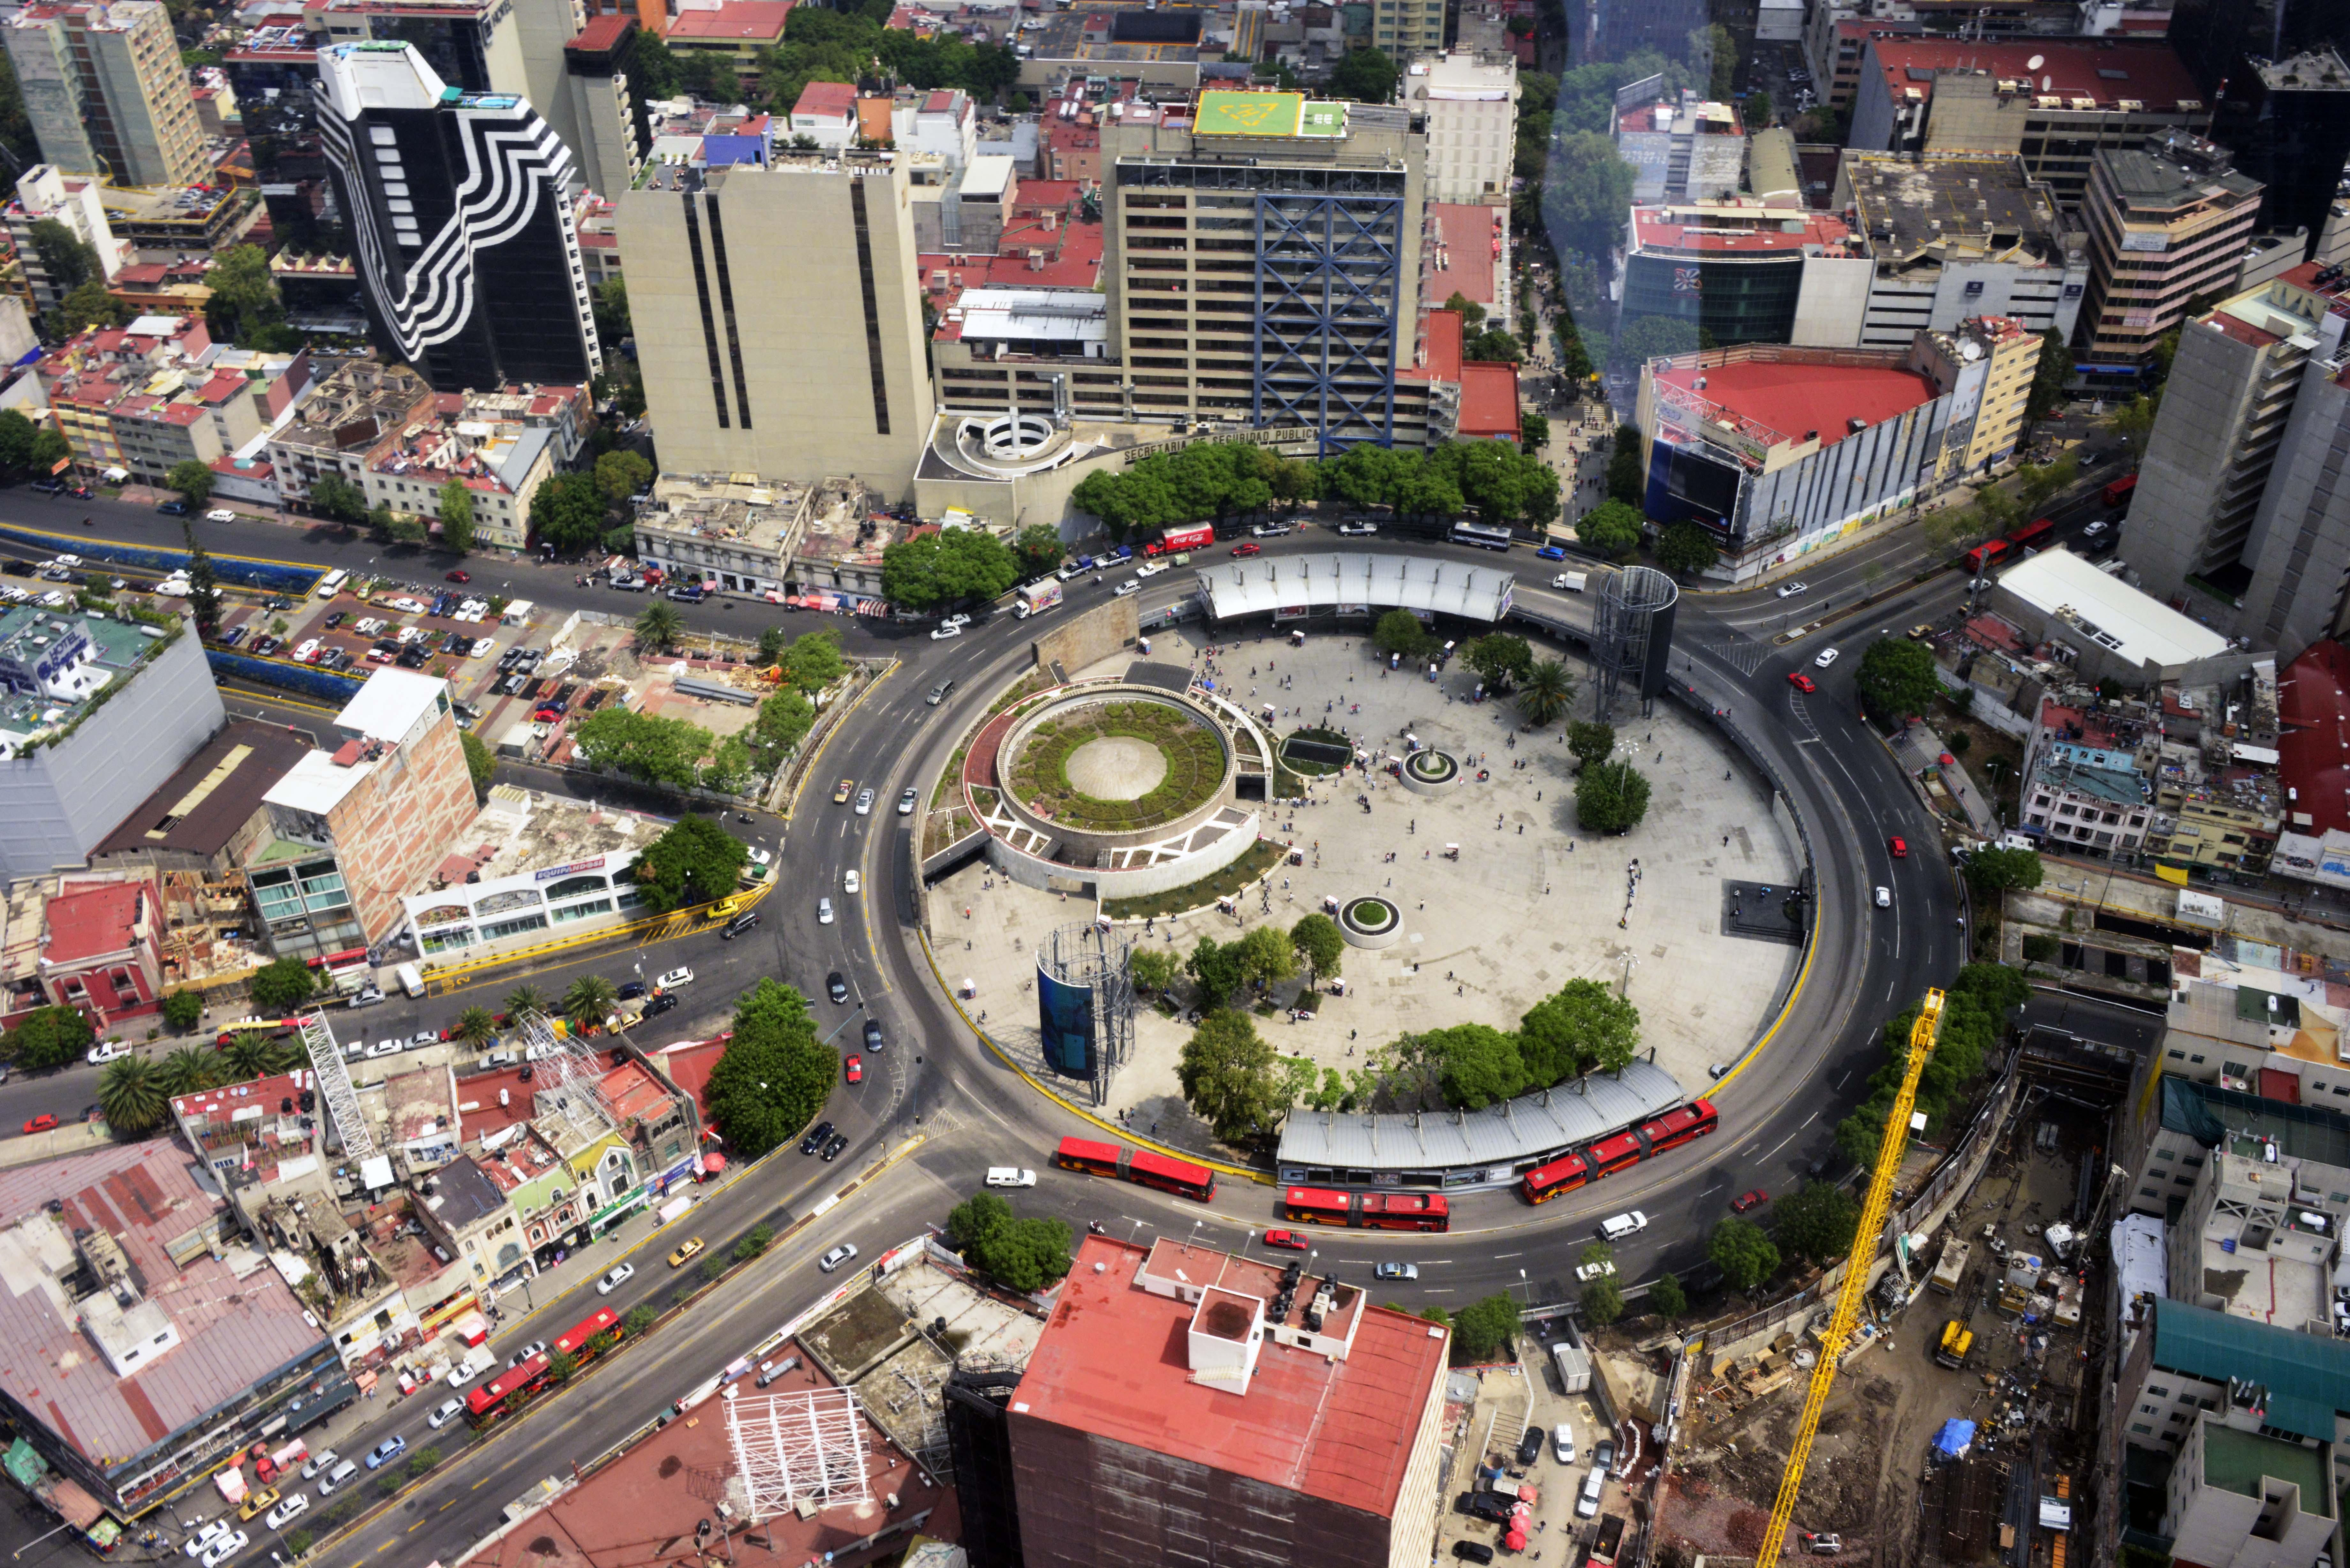 Creará DF corredor cultural en Zona Rosa y Av. Chapultepec ...: periodiconmx.com/actualidad/creara-df-corredor-cultural-en-zona...